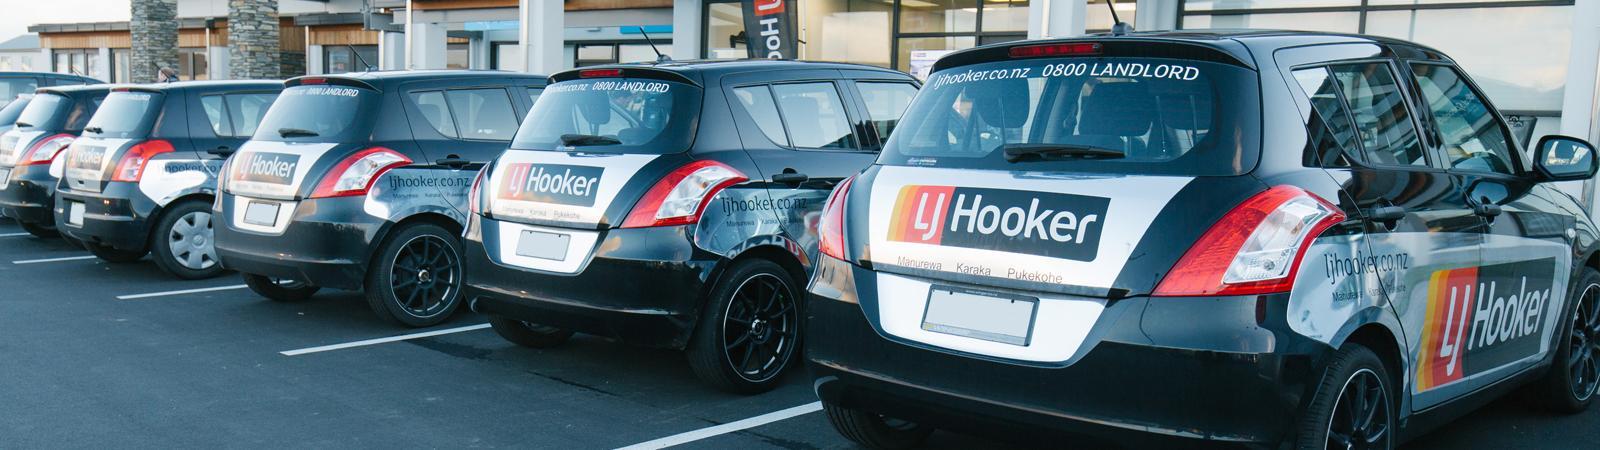 LJ Hooker Manurewa office street view image